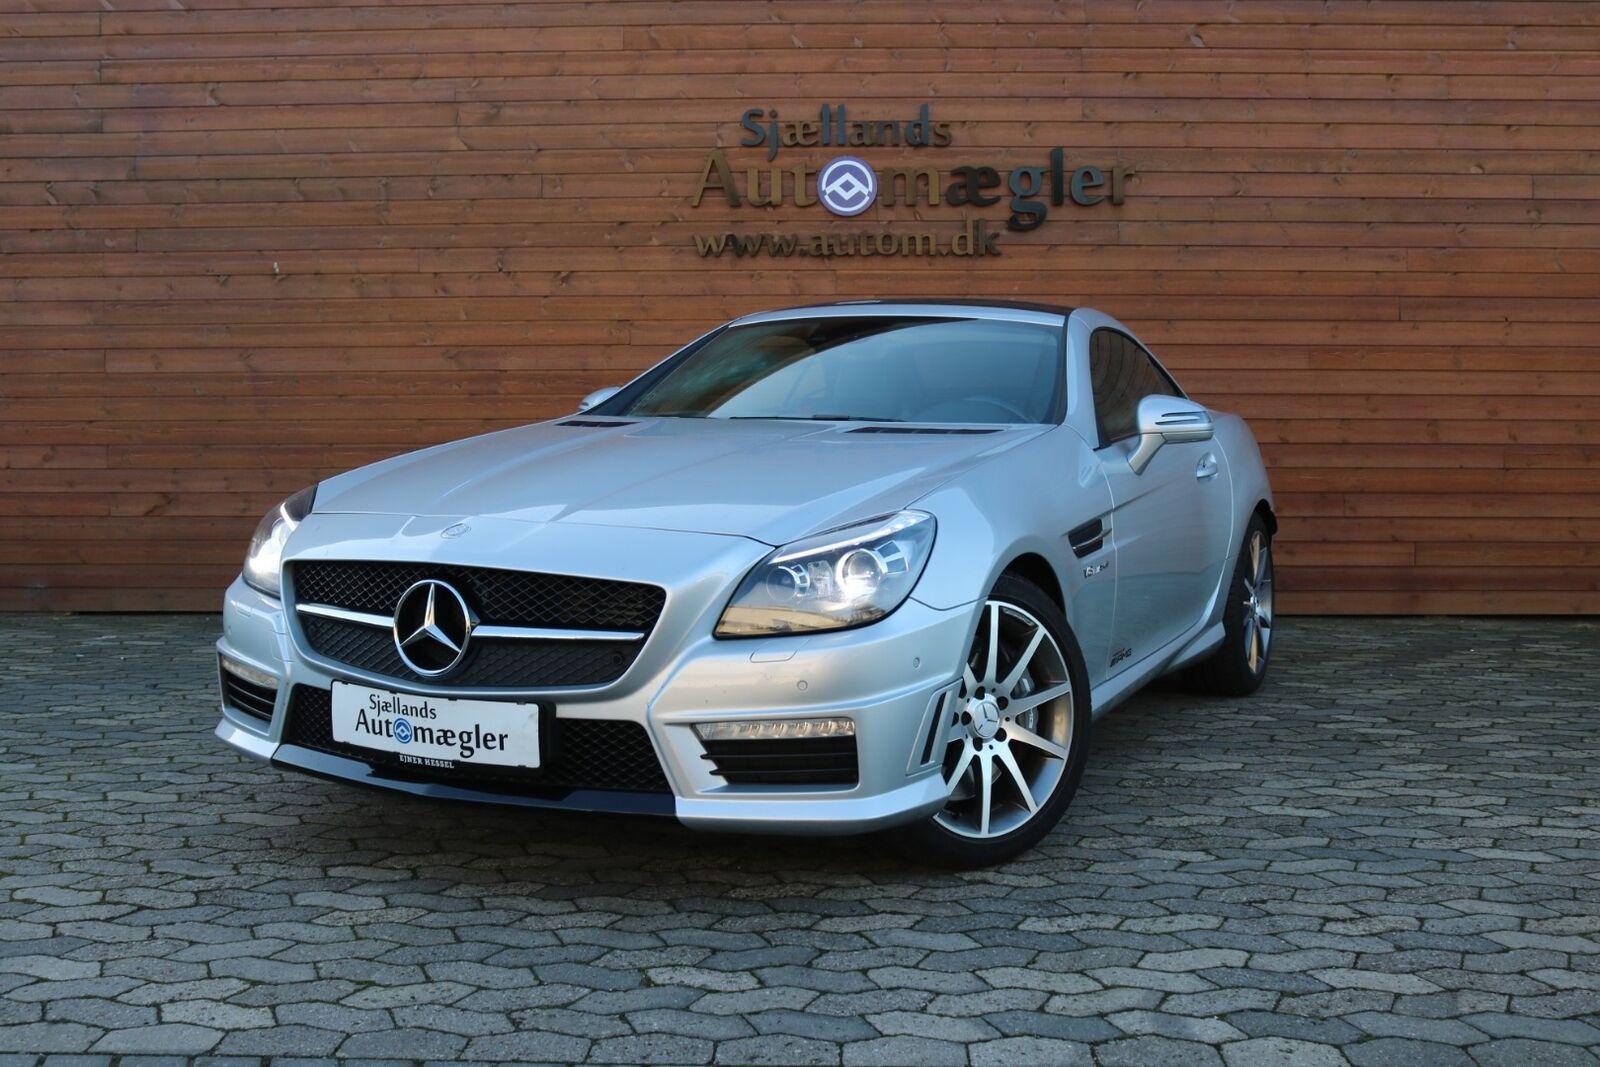 Mercedes SLK55 5,5 AMG aut. 2d - 2.701 kr.